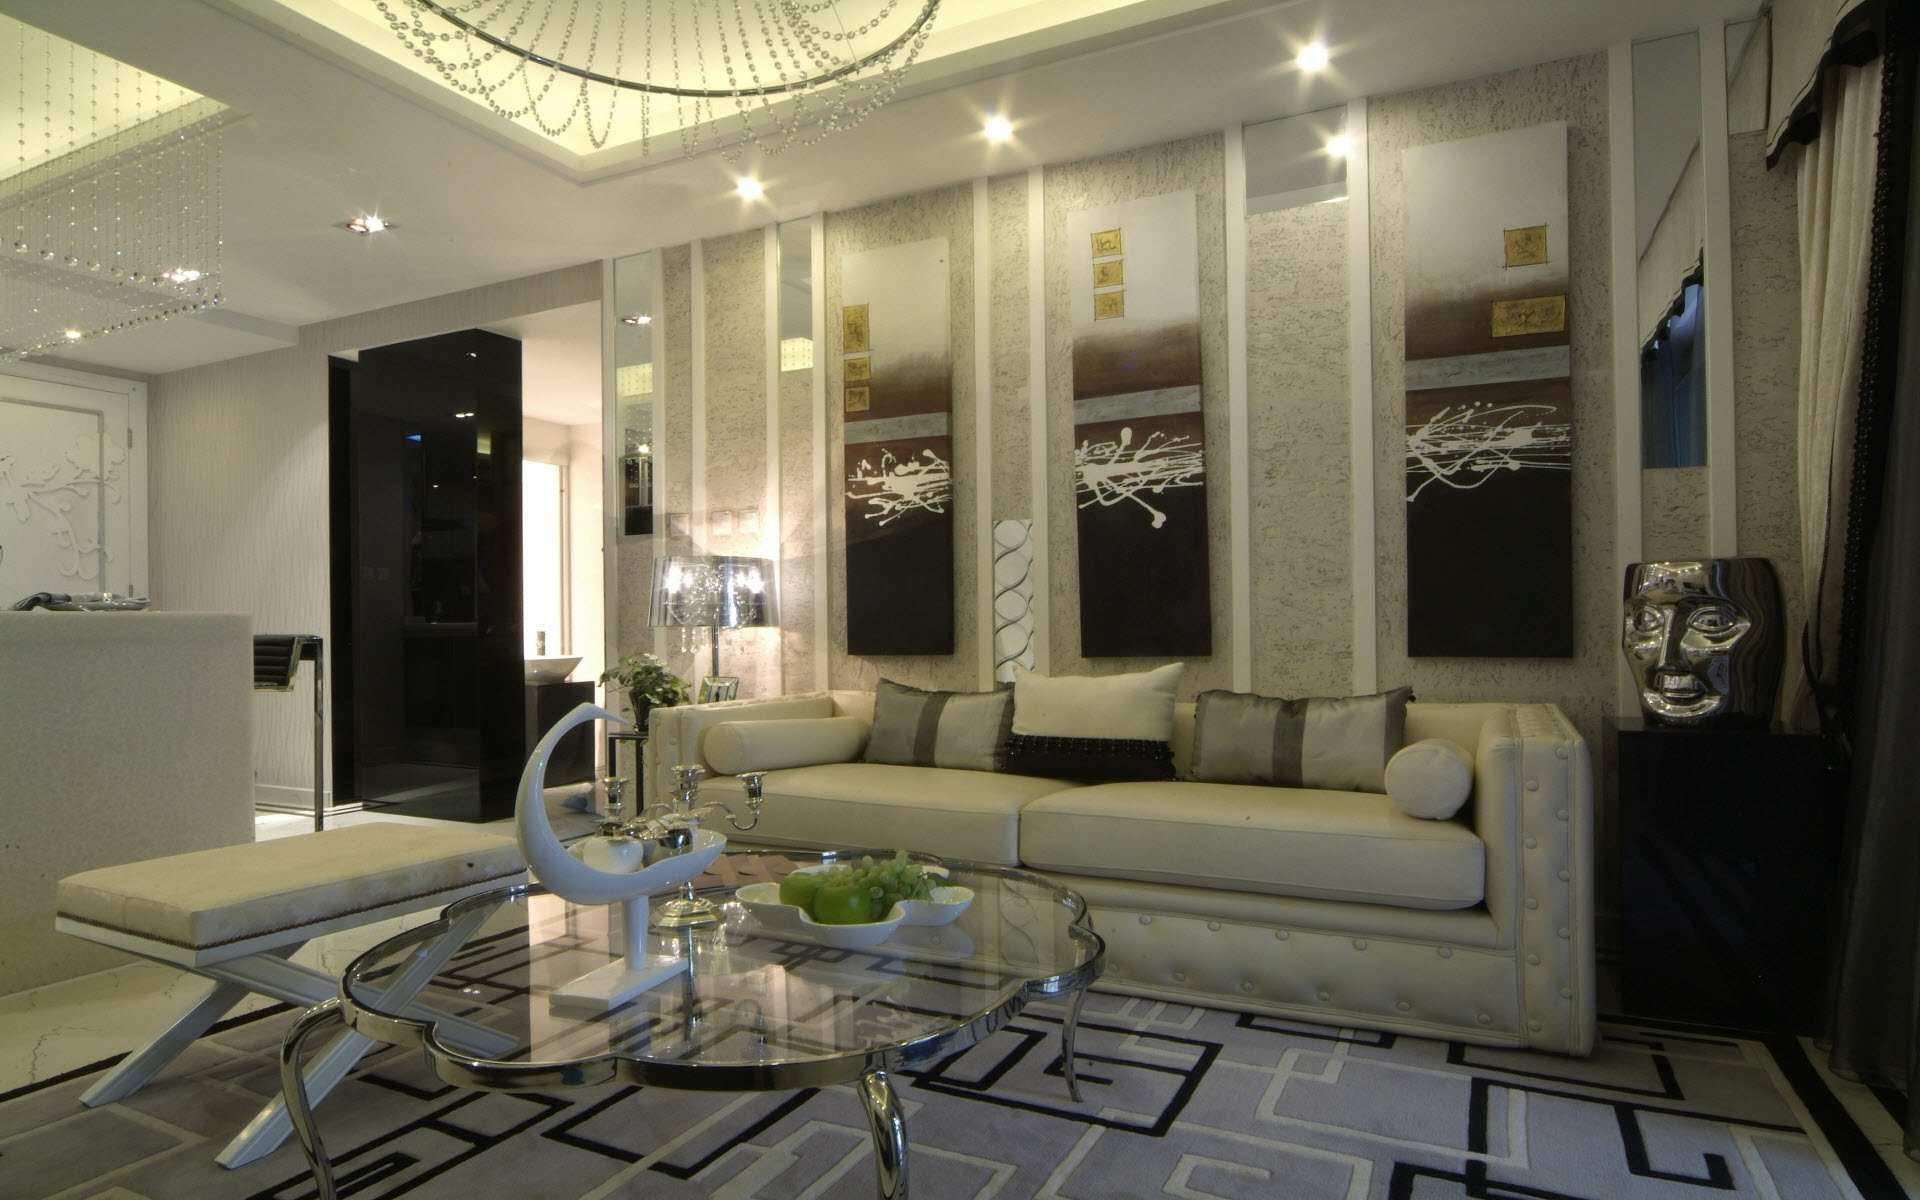 Hiasan Dalaman Ruang Tamu Dengan Gaya Klasik Dengan Gabungan Warna Sejuk